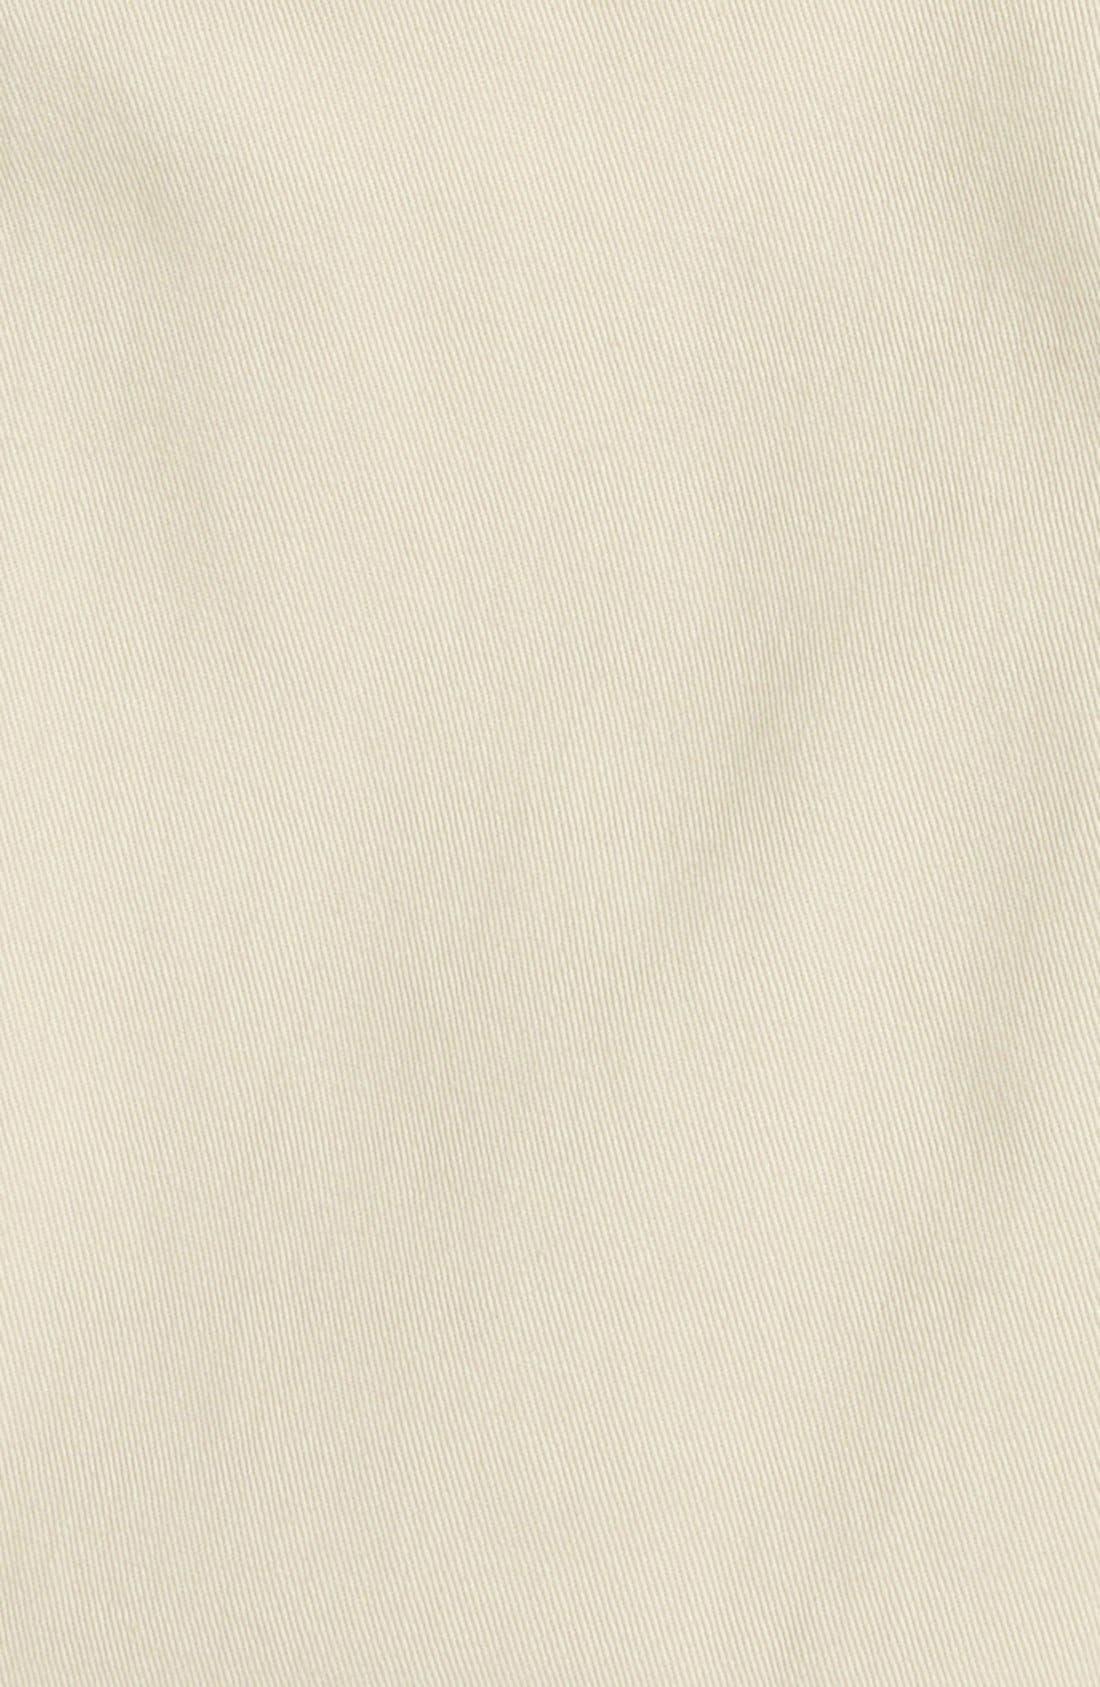 Alternate Image 2  - Ralph Lauren 'Suffield' Chino Pants (Baby Boys)